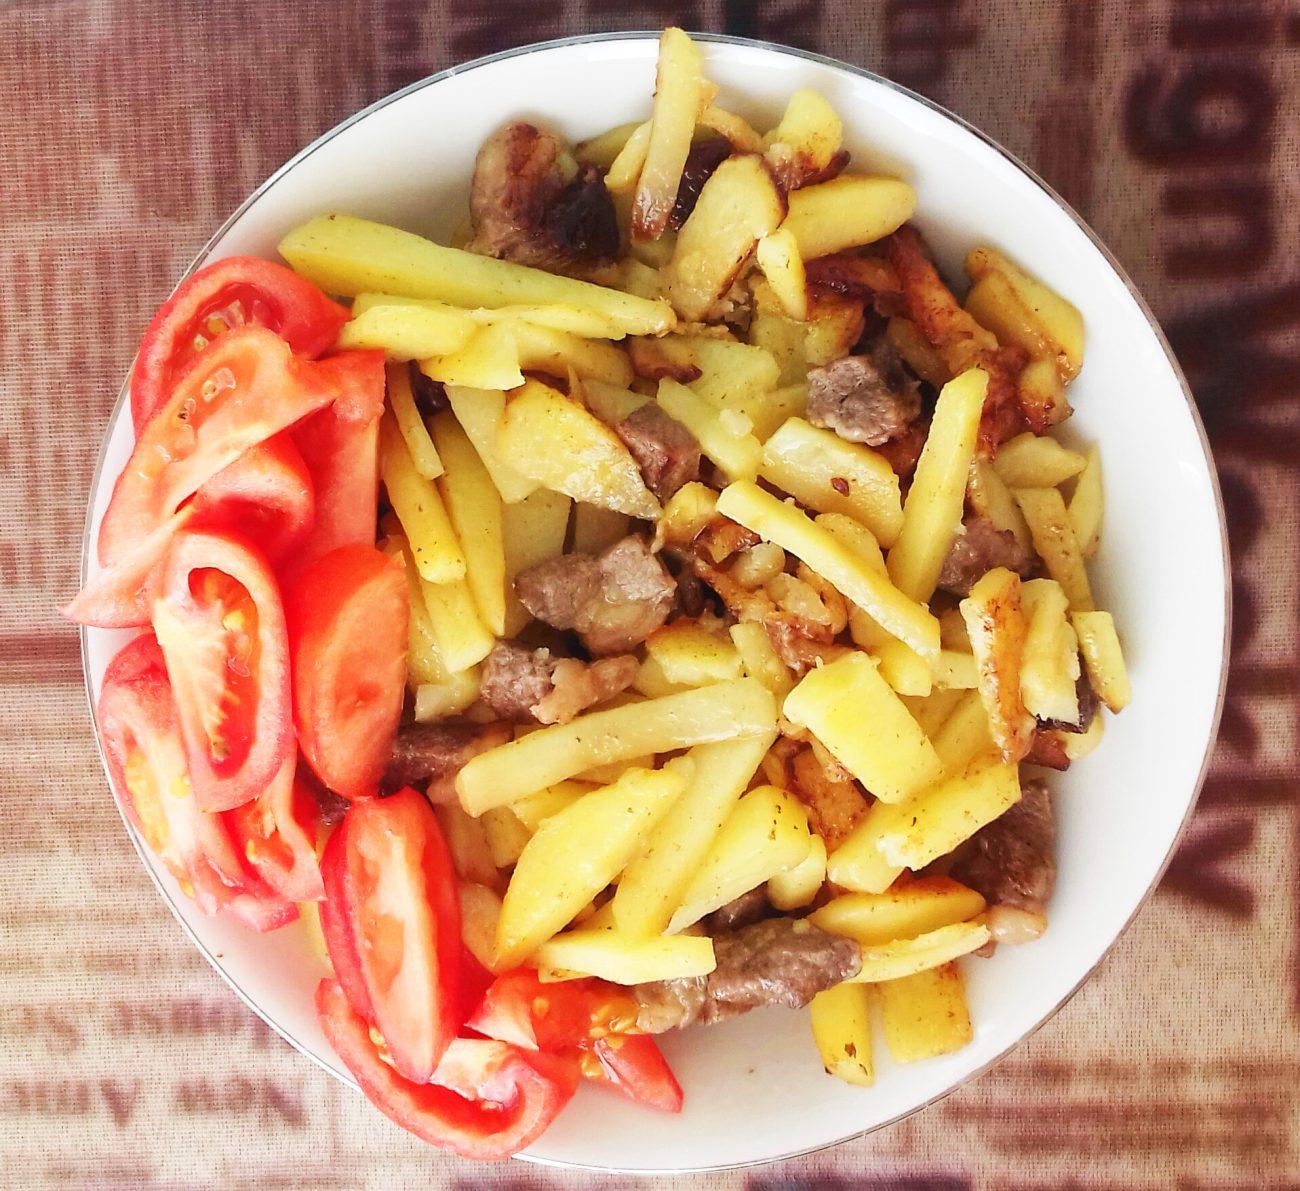 Картофель жареный с мясом